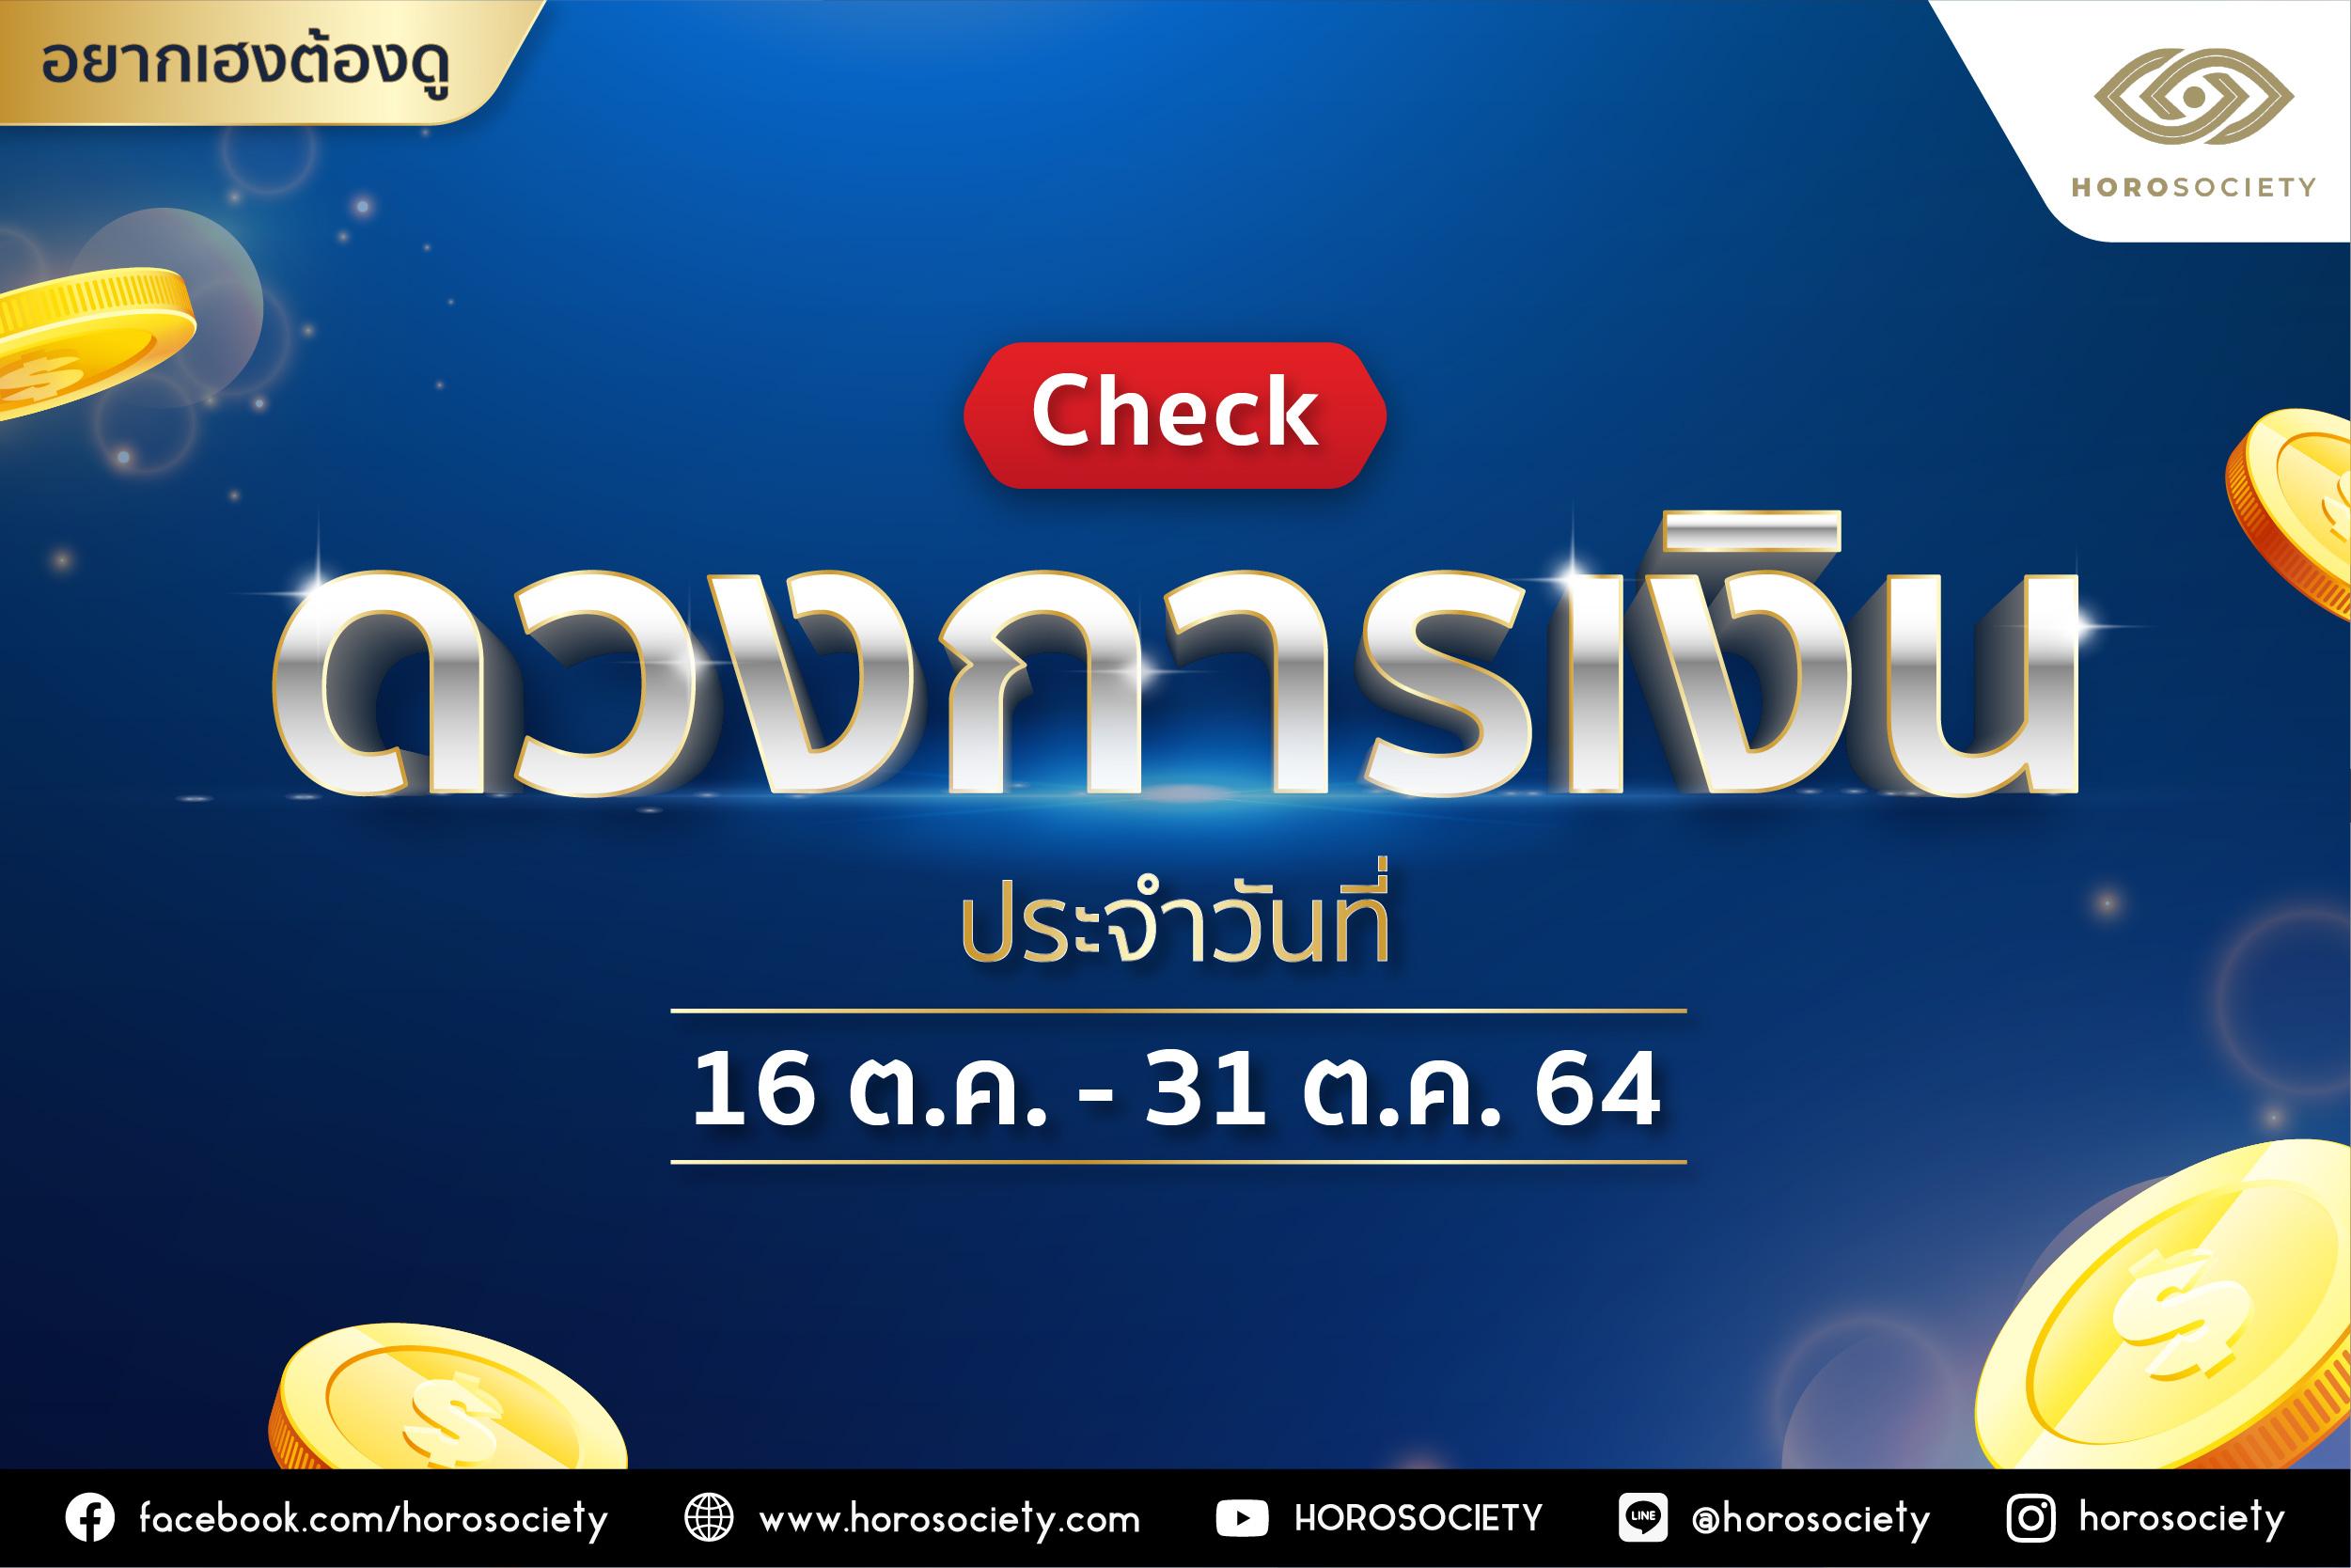 เช็กดวงการเงินประจำสัปดาห์ 16-31 ตุลาคม 2564 โดย Horosociety